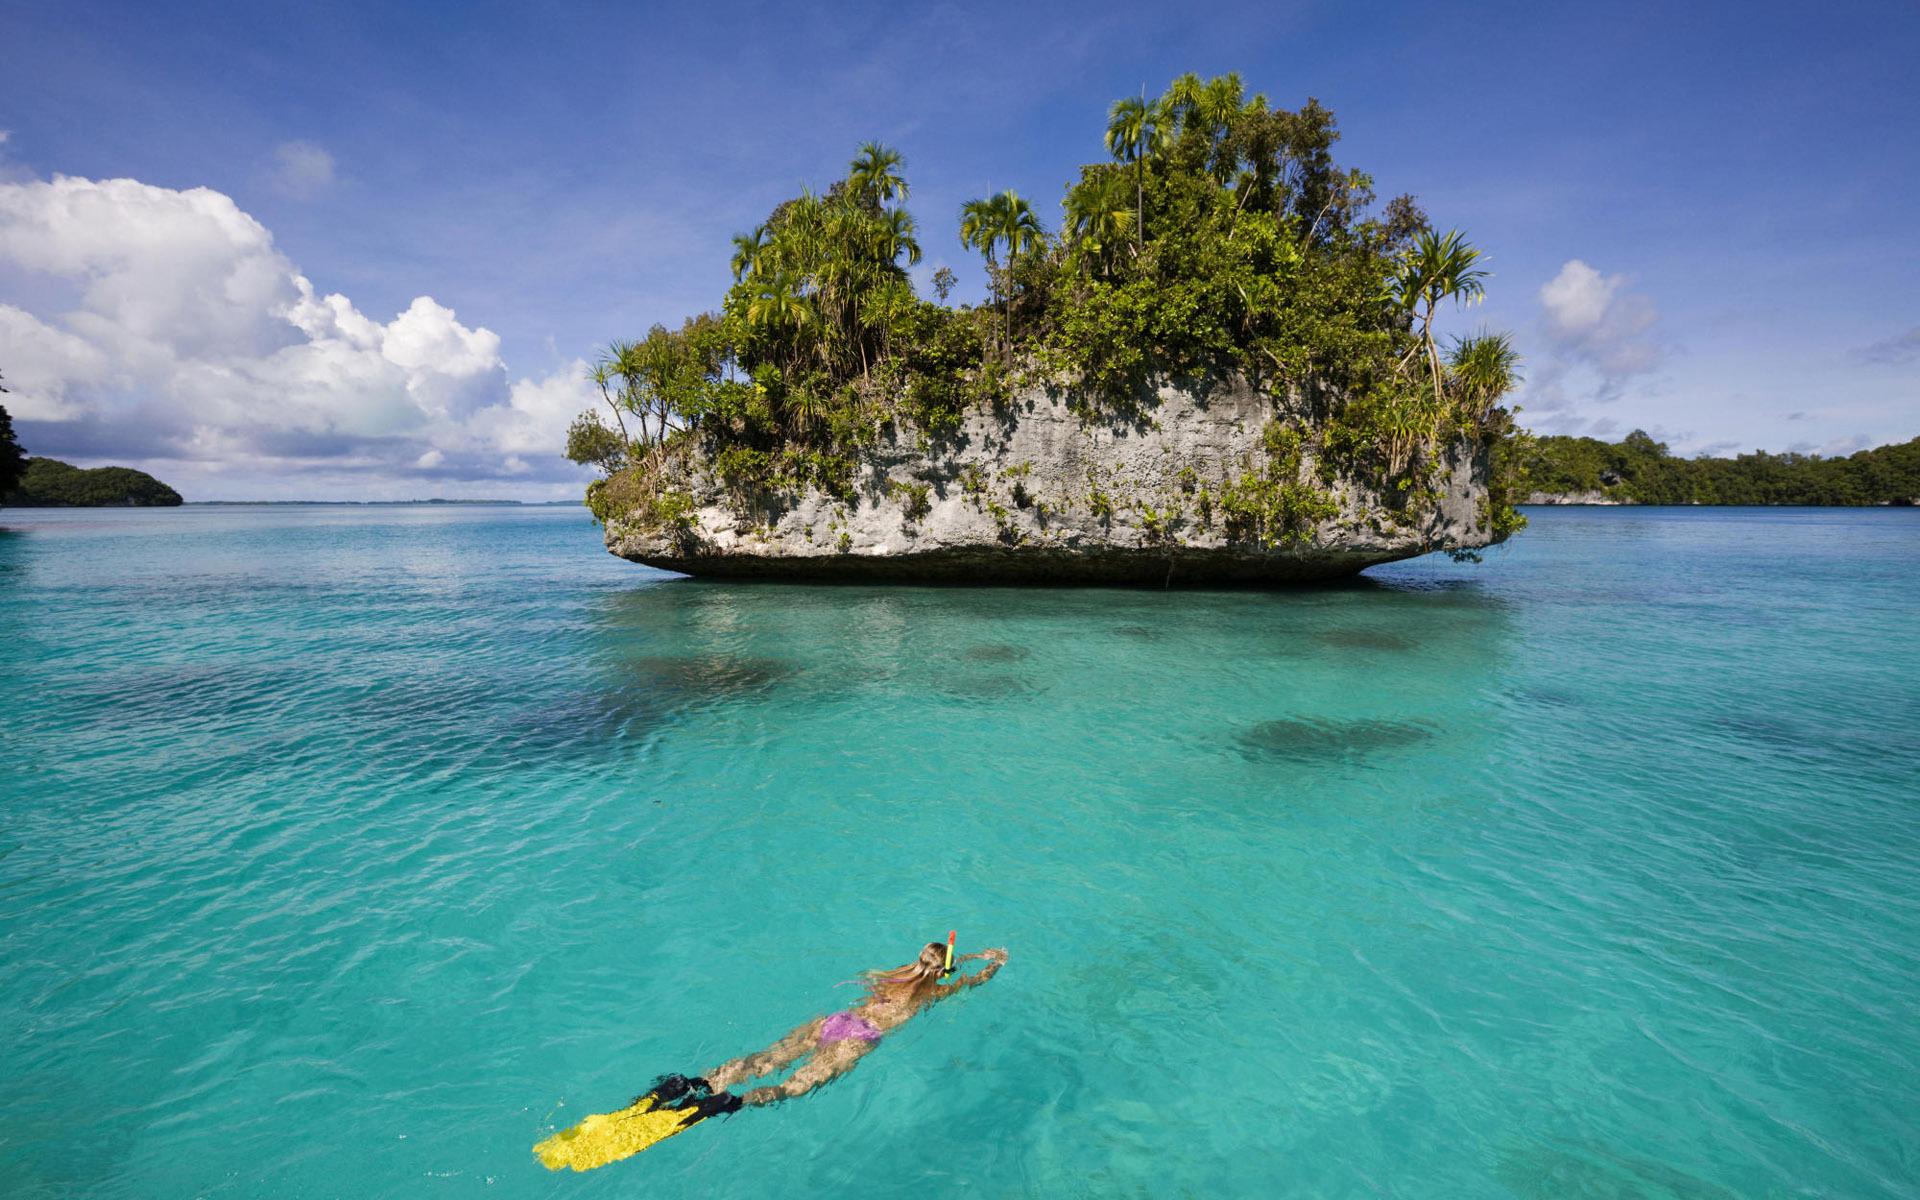 леопард картинки красоты островов королевской